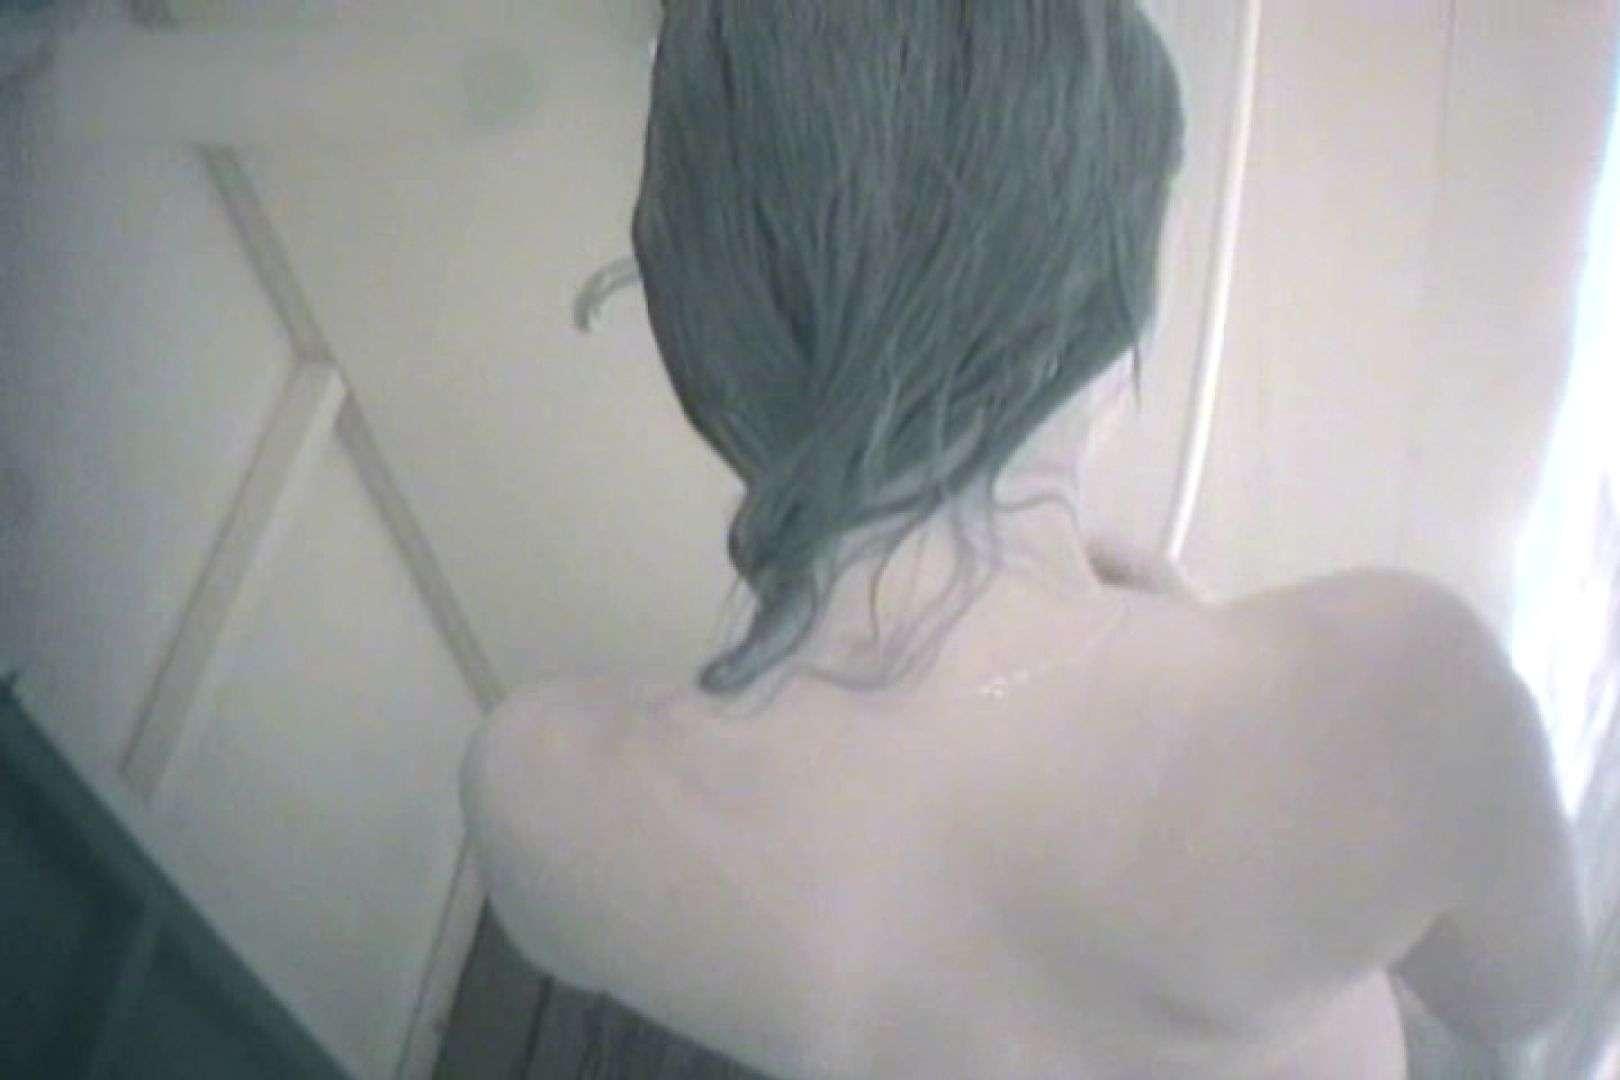 夏海シャワー室!ベトベトお肌をサラサラに!VOL.02 シャワー室 | シャワー  63PIX 1